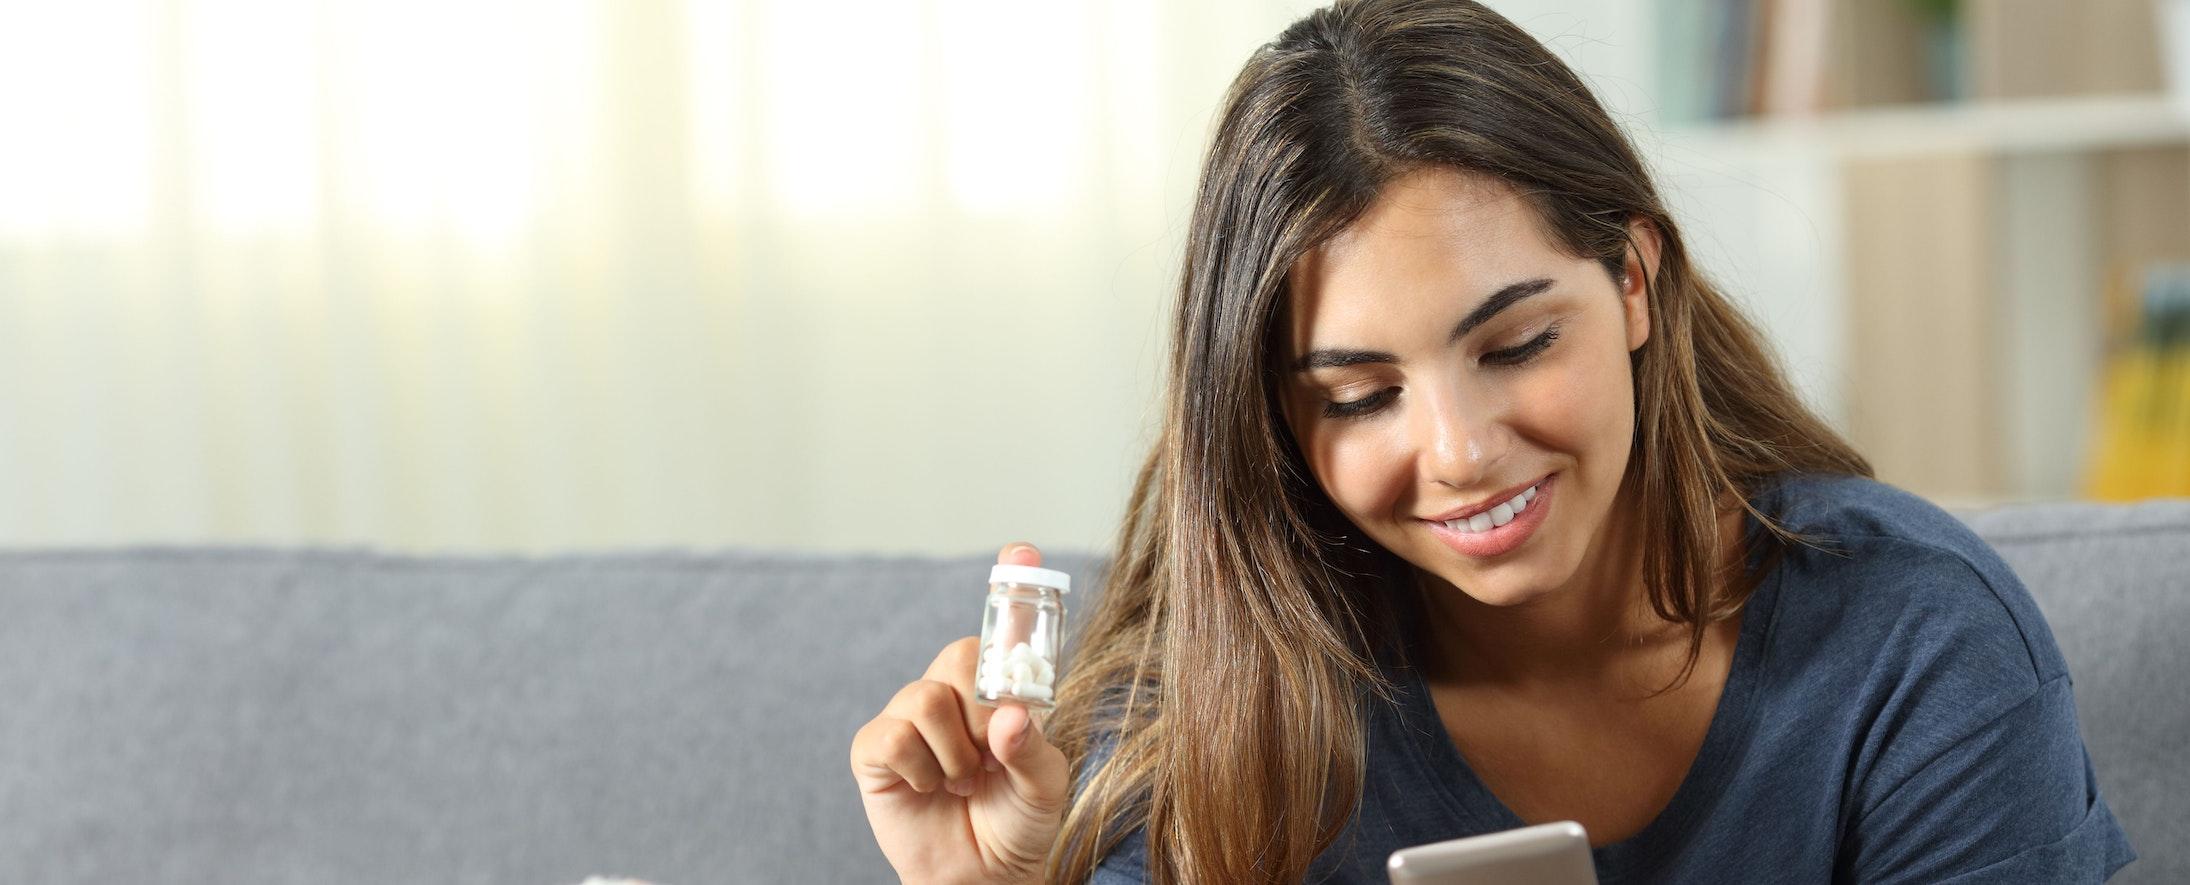 Digitale Gesundheits Apps